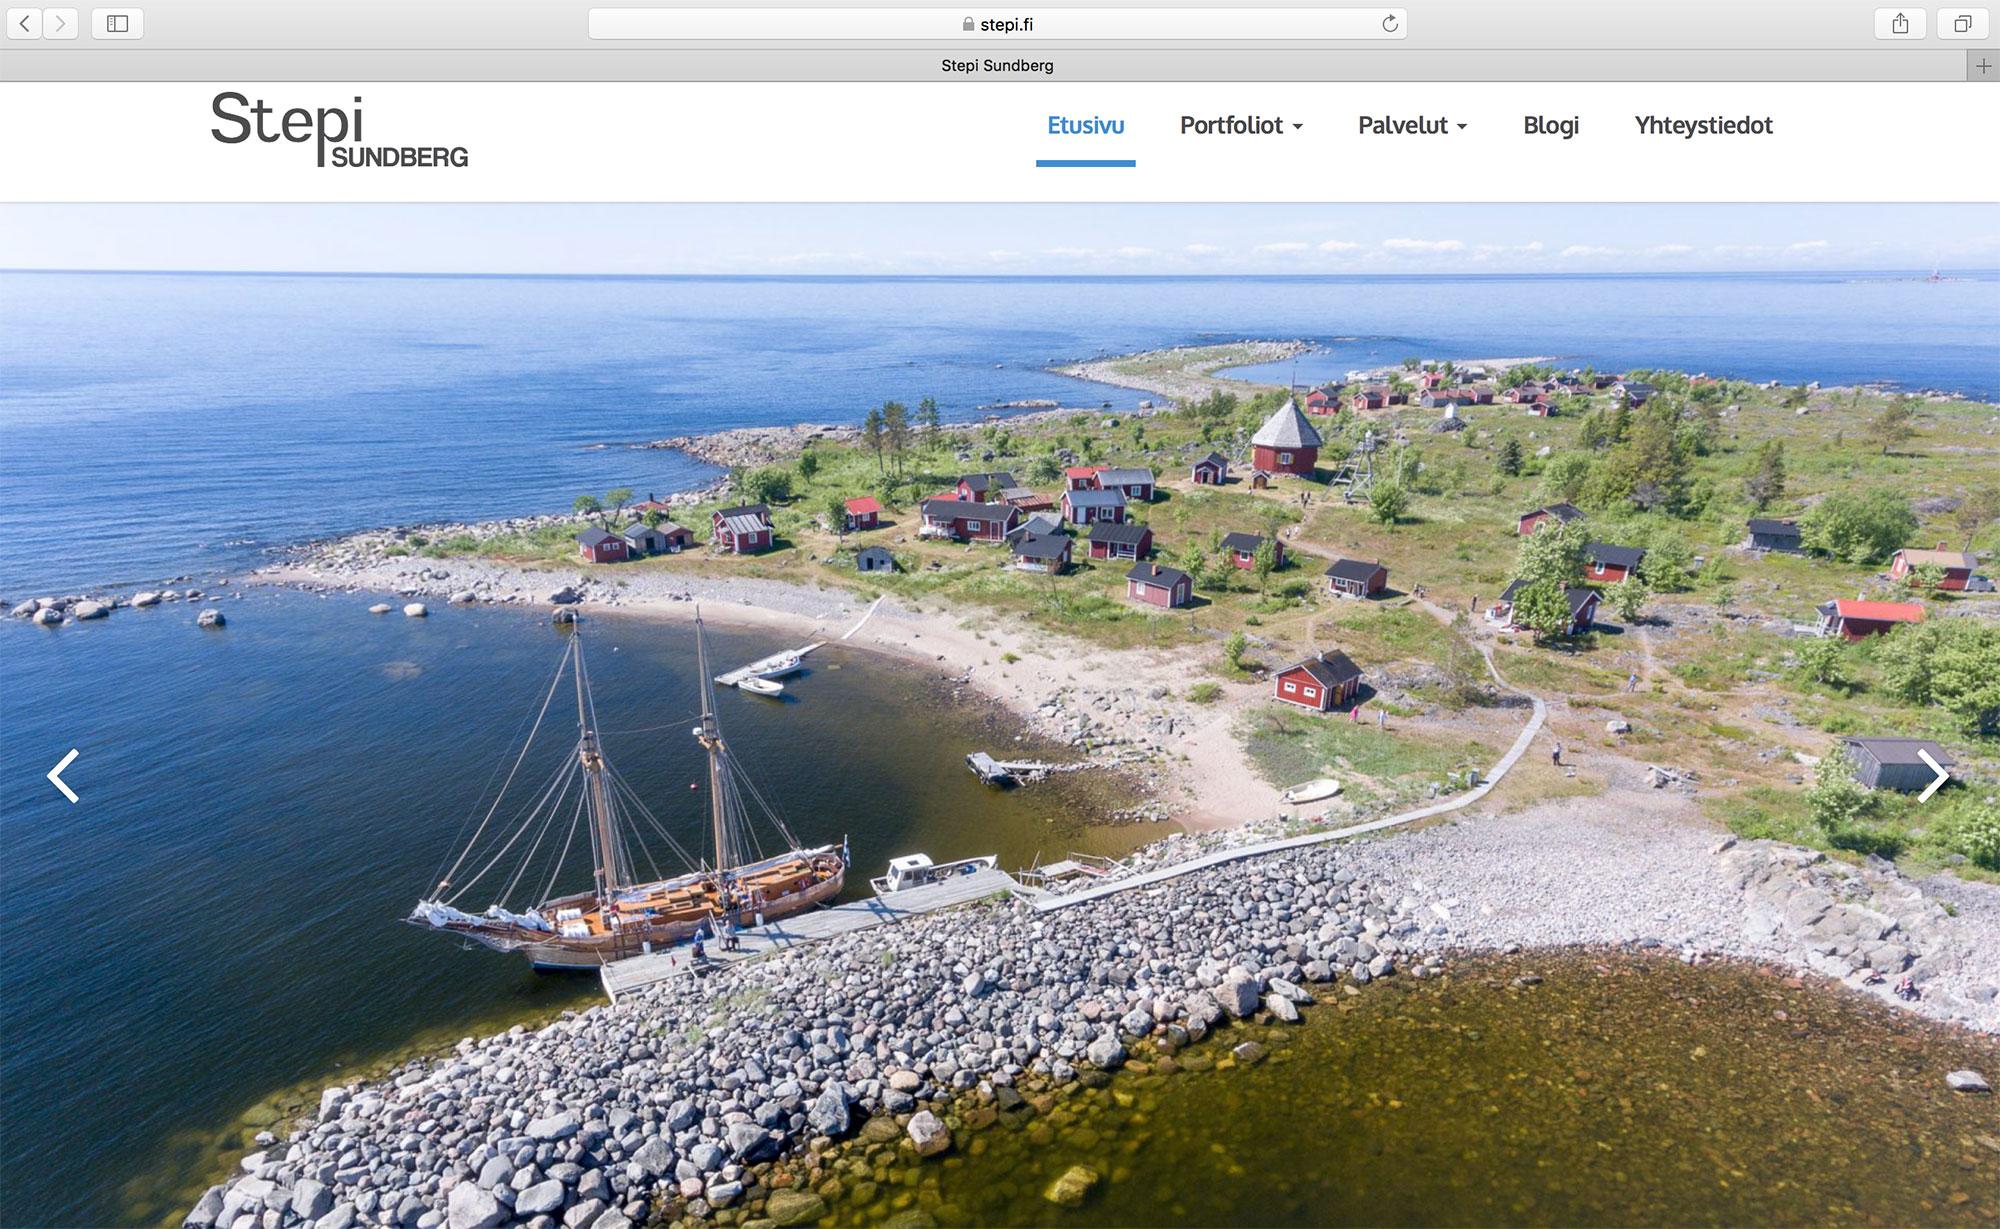 www.stepi.fi